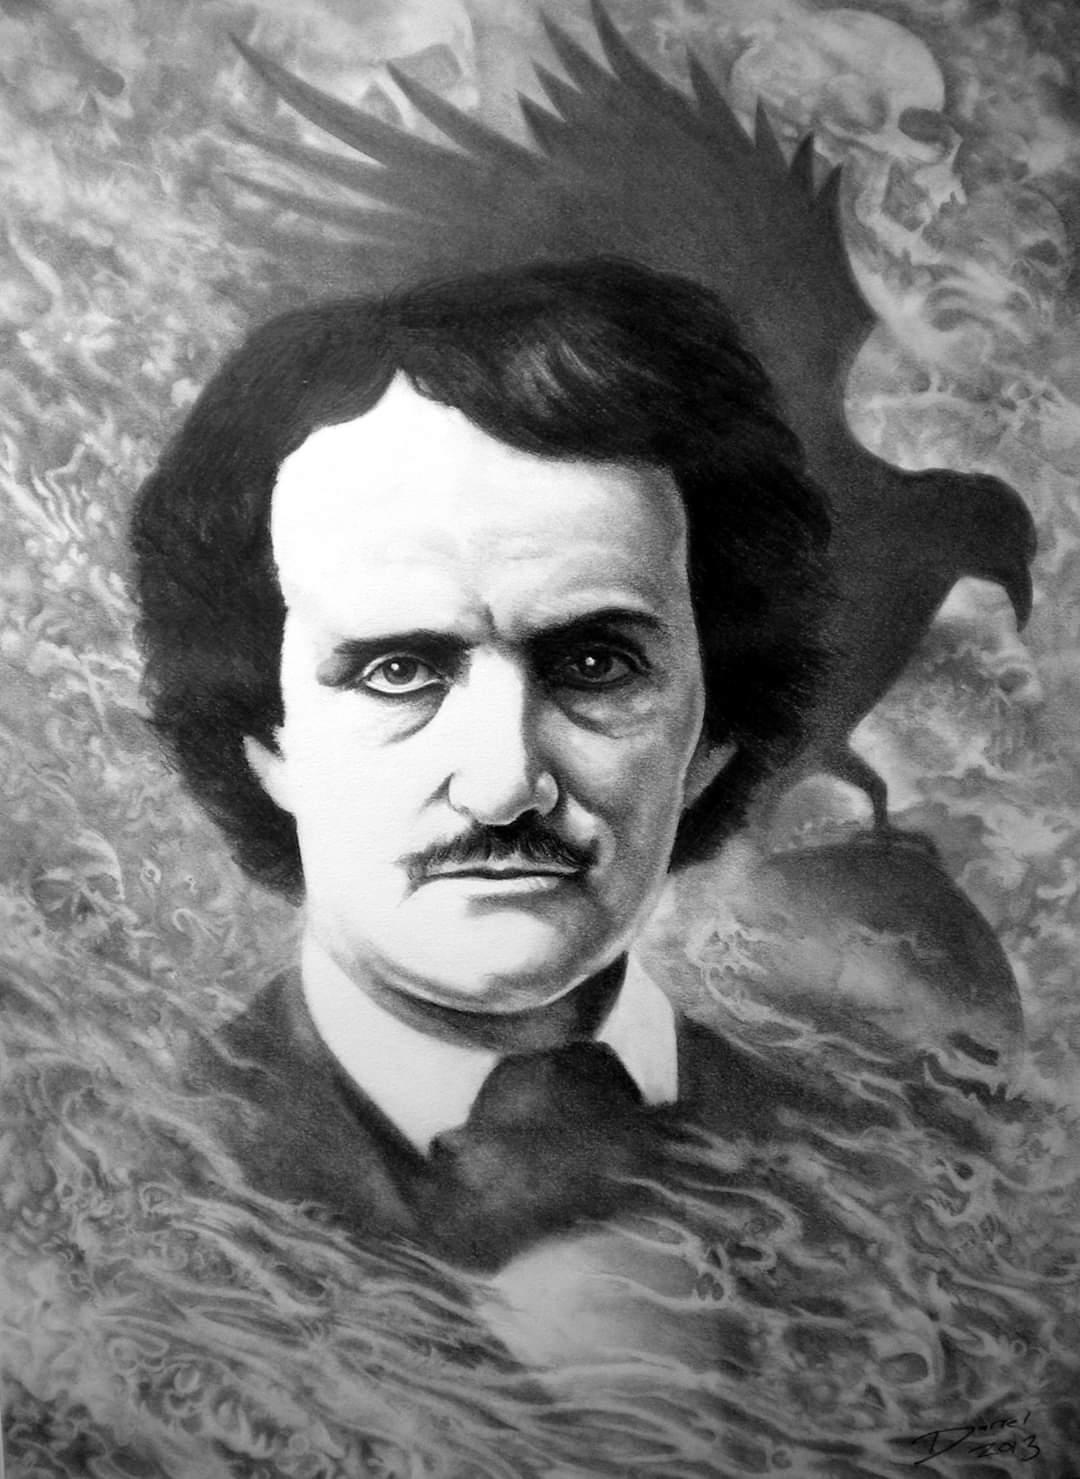 """#NatiOggi  """" I veri sognatori non dormono mai""""  Edgar Poe  Il 19 gennaio 1809 nasceva Edgar Allan Poe: è stato uno scrittore, poeta, critico letterario, giornalista, editore e saggista statunitense. Considerato uno dei più grandi e influenti scrittori statunitensi della storia. https://t.co/H0BIlIl9Em"""